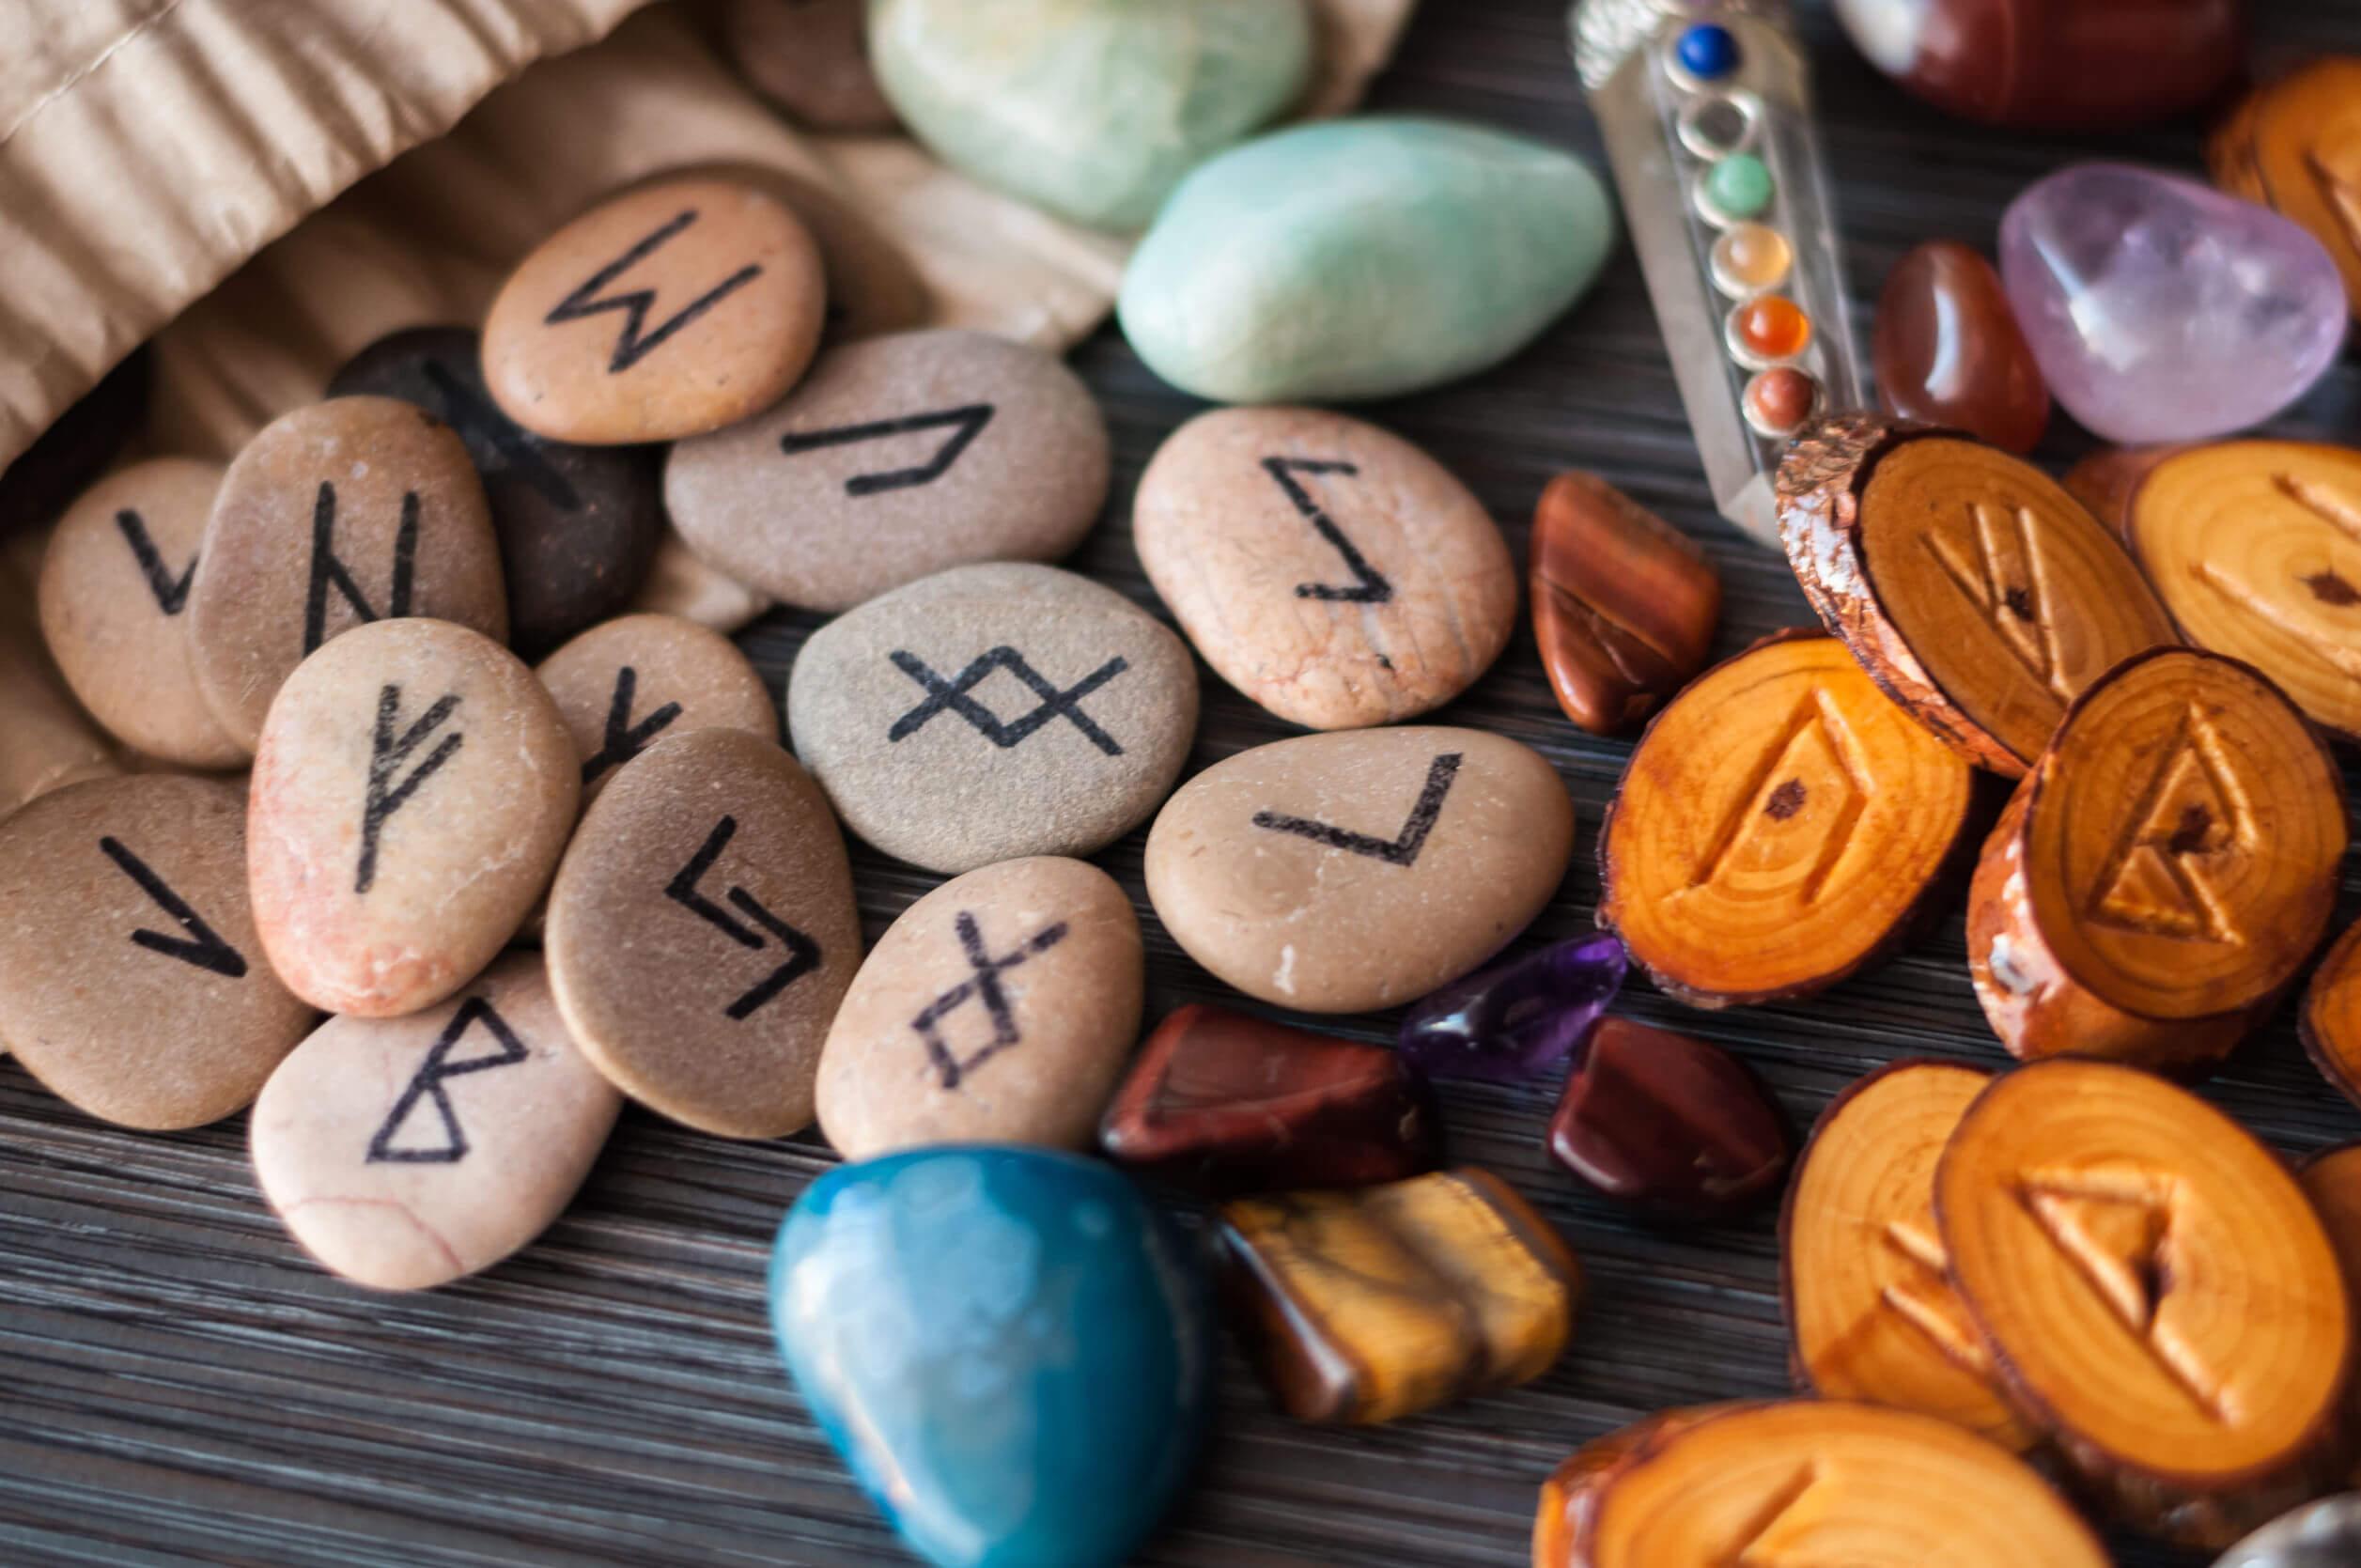 Jogo de runas